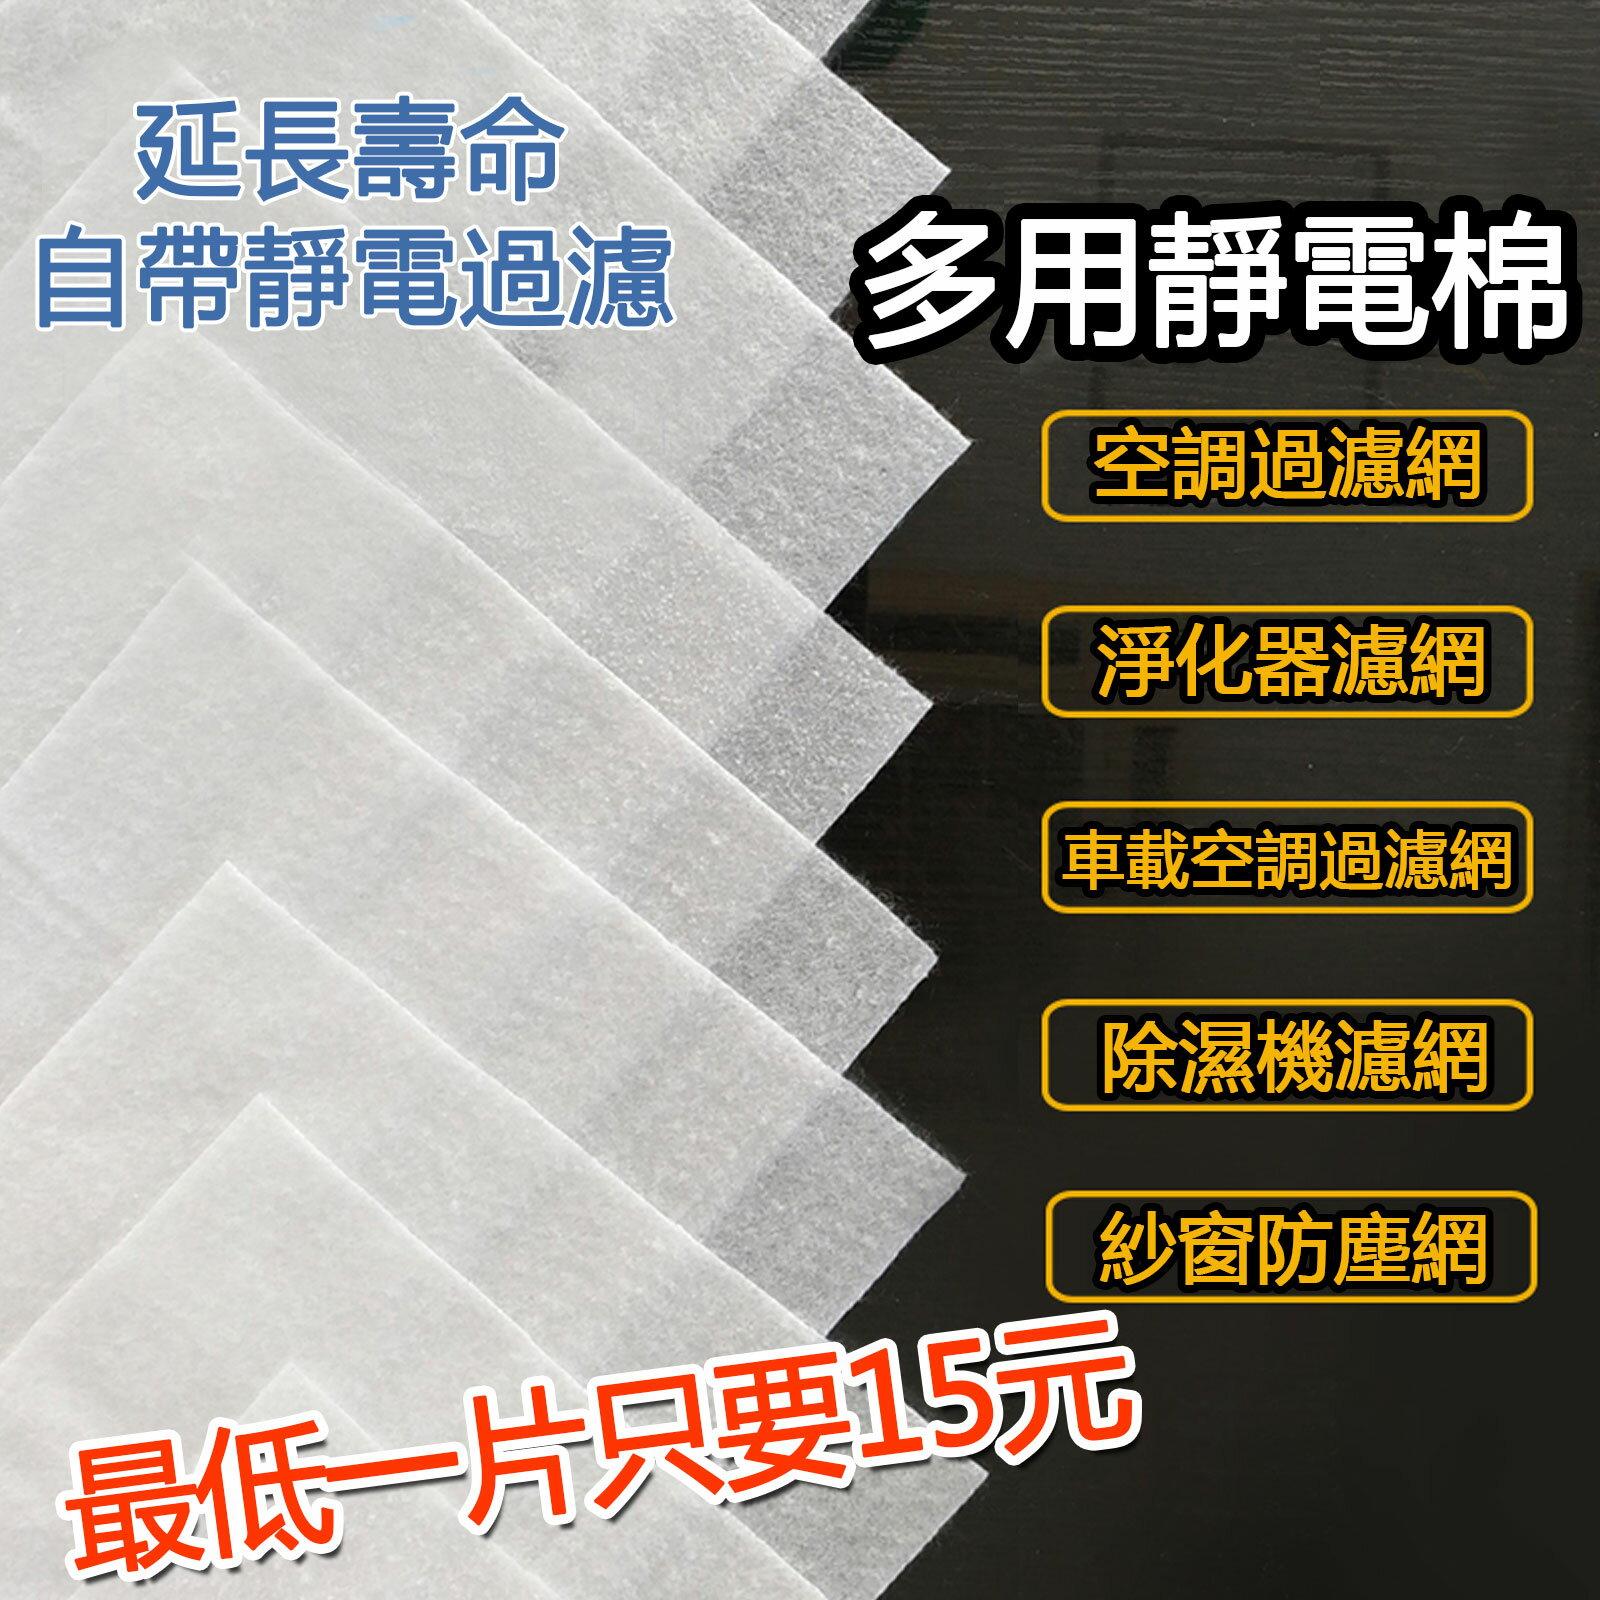 DIY小米静電棉 多用靜電棉  靜電過濾棉 空氣清淨機 空調濾網 靜電 除PM2.5 防塵 【O3497】☆雙兒網☆ 3